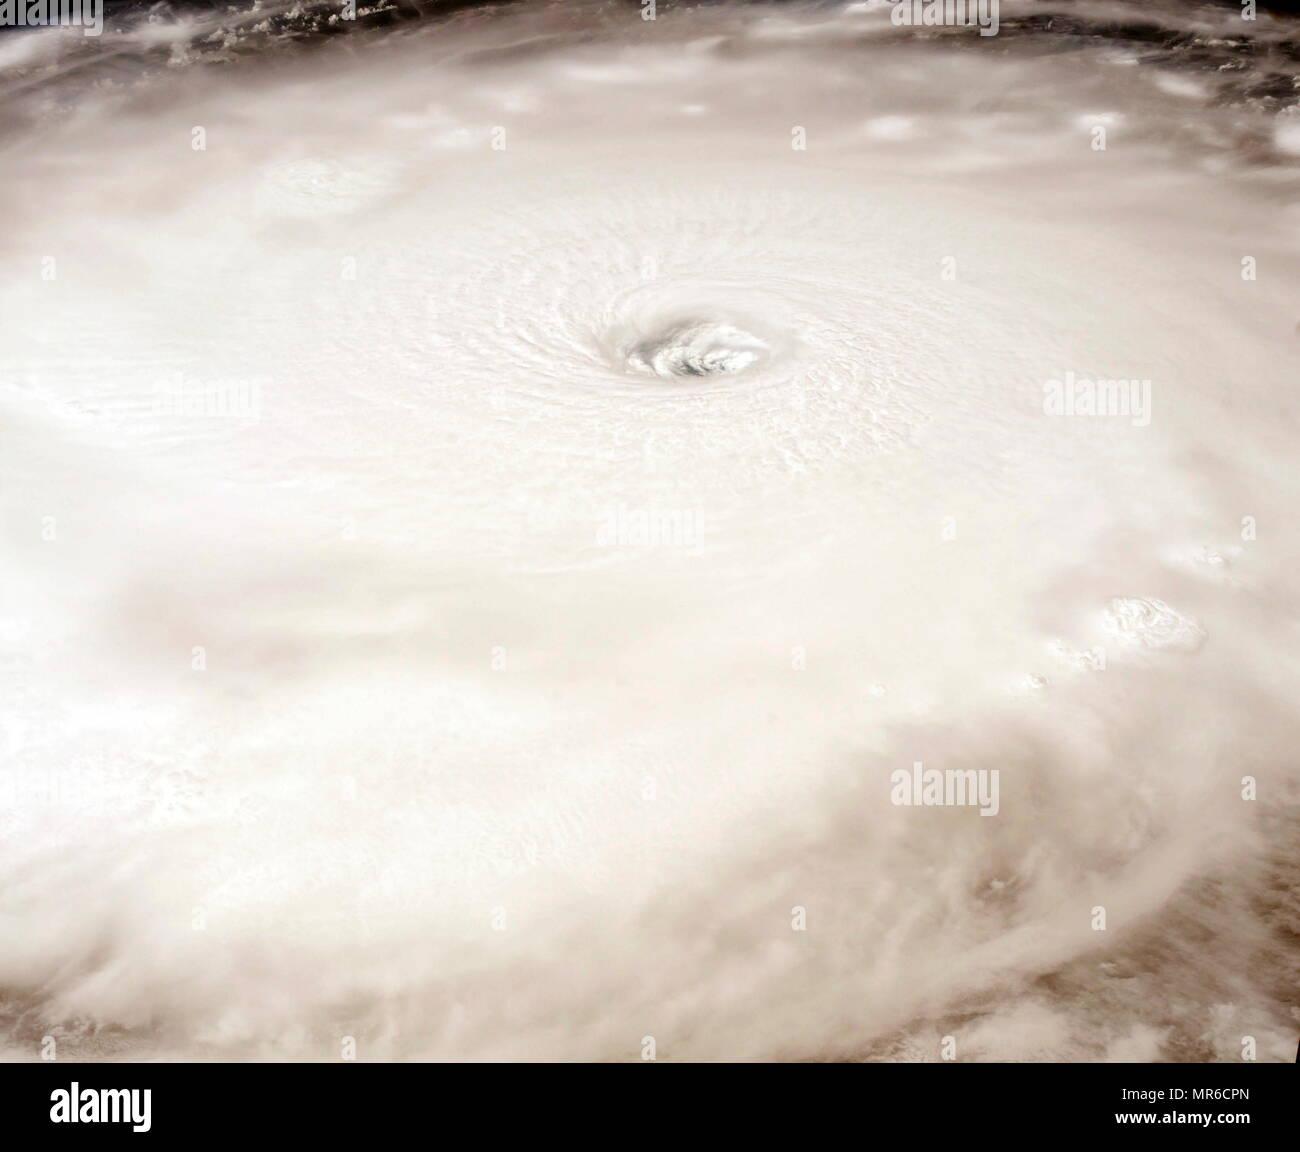 L'occhio dell'Uragano Irma, visibile dalla stazione spaziale internazionale, come essa orbitavano oltre alla categoria 5 tempesta sul Sett. 5, 2017. Immagini Stock